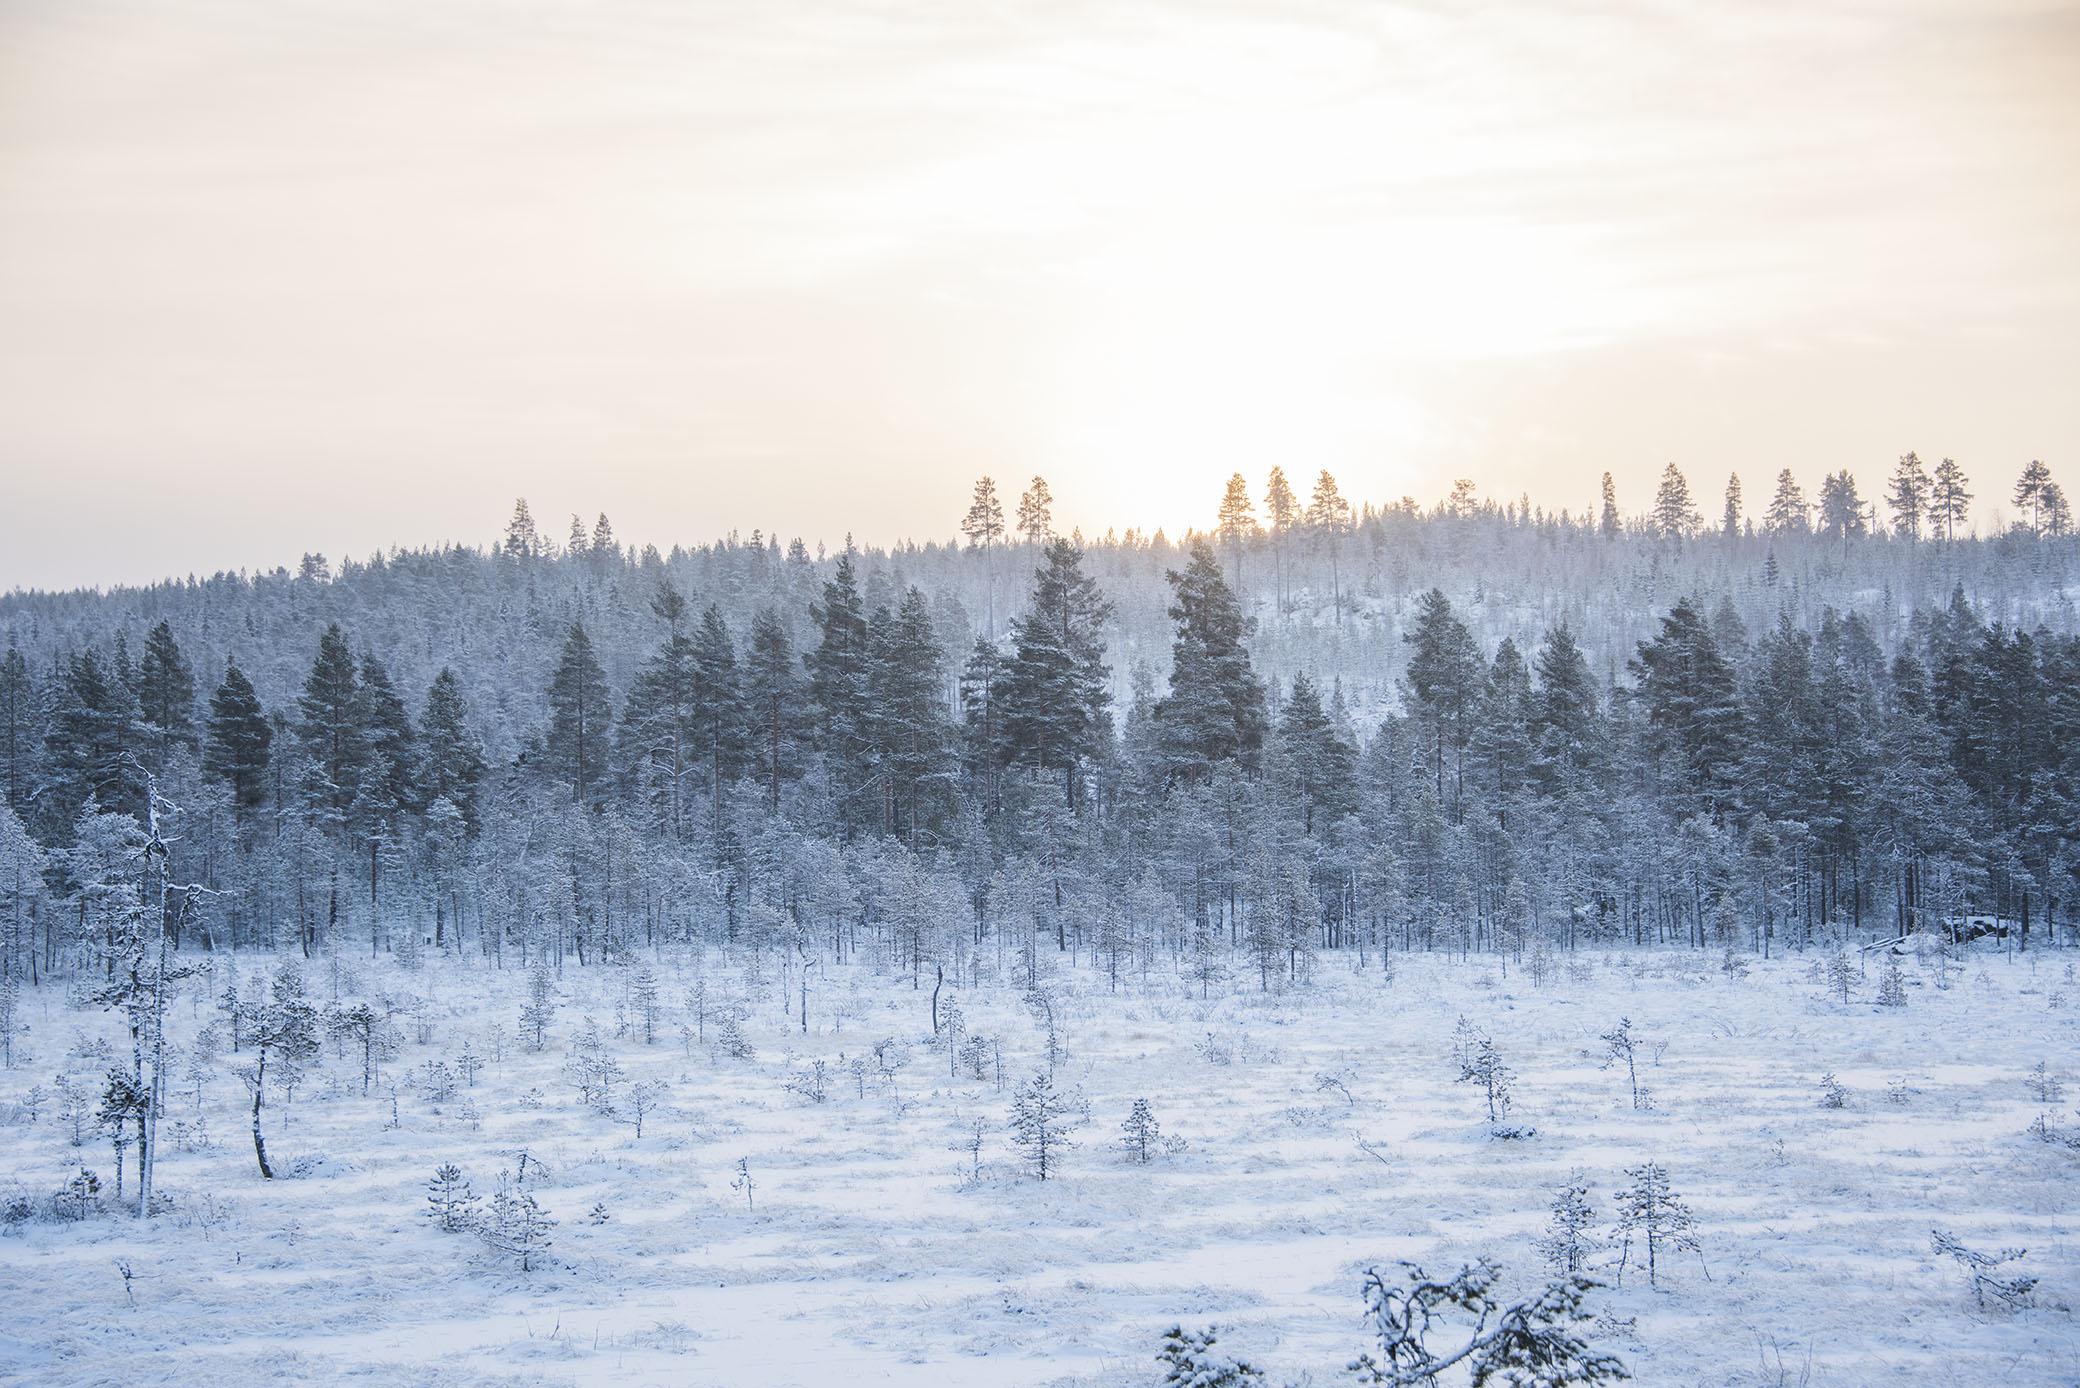 Kyliga dagar. Var tvungen att stanna till på skogsvägarna ett antal gånger för att fota. Det är ju något speciellt när det är väldigt kallt ute.